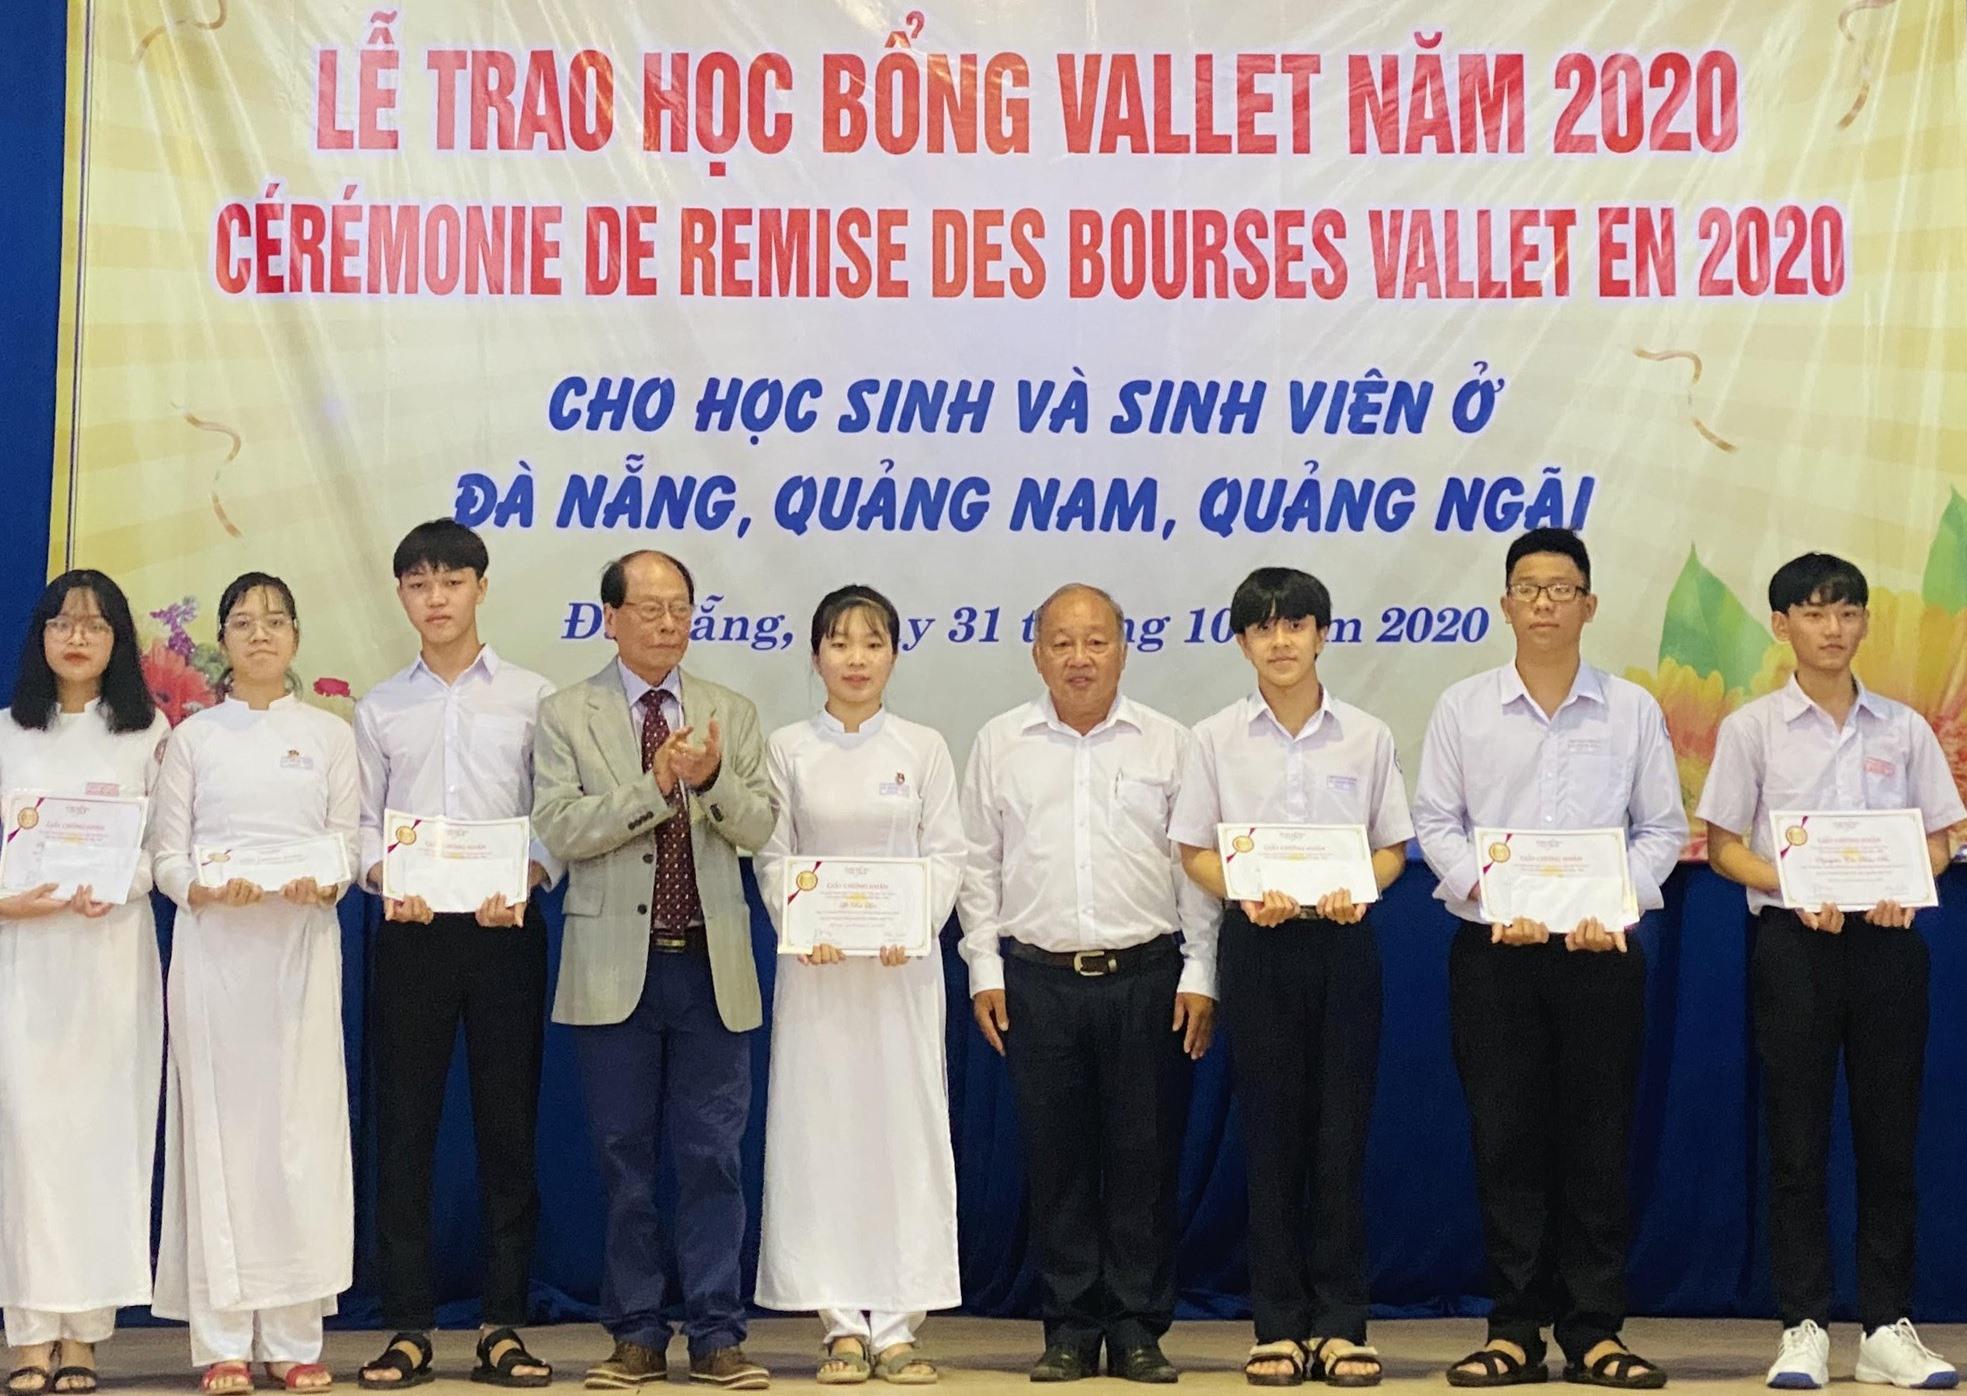 Học sinh THPT Quảng Nam nhận học bổng Vallet năm 2020. Ảnh:V.P.TRANG